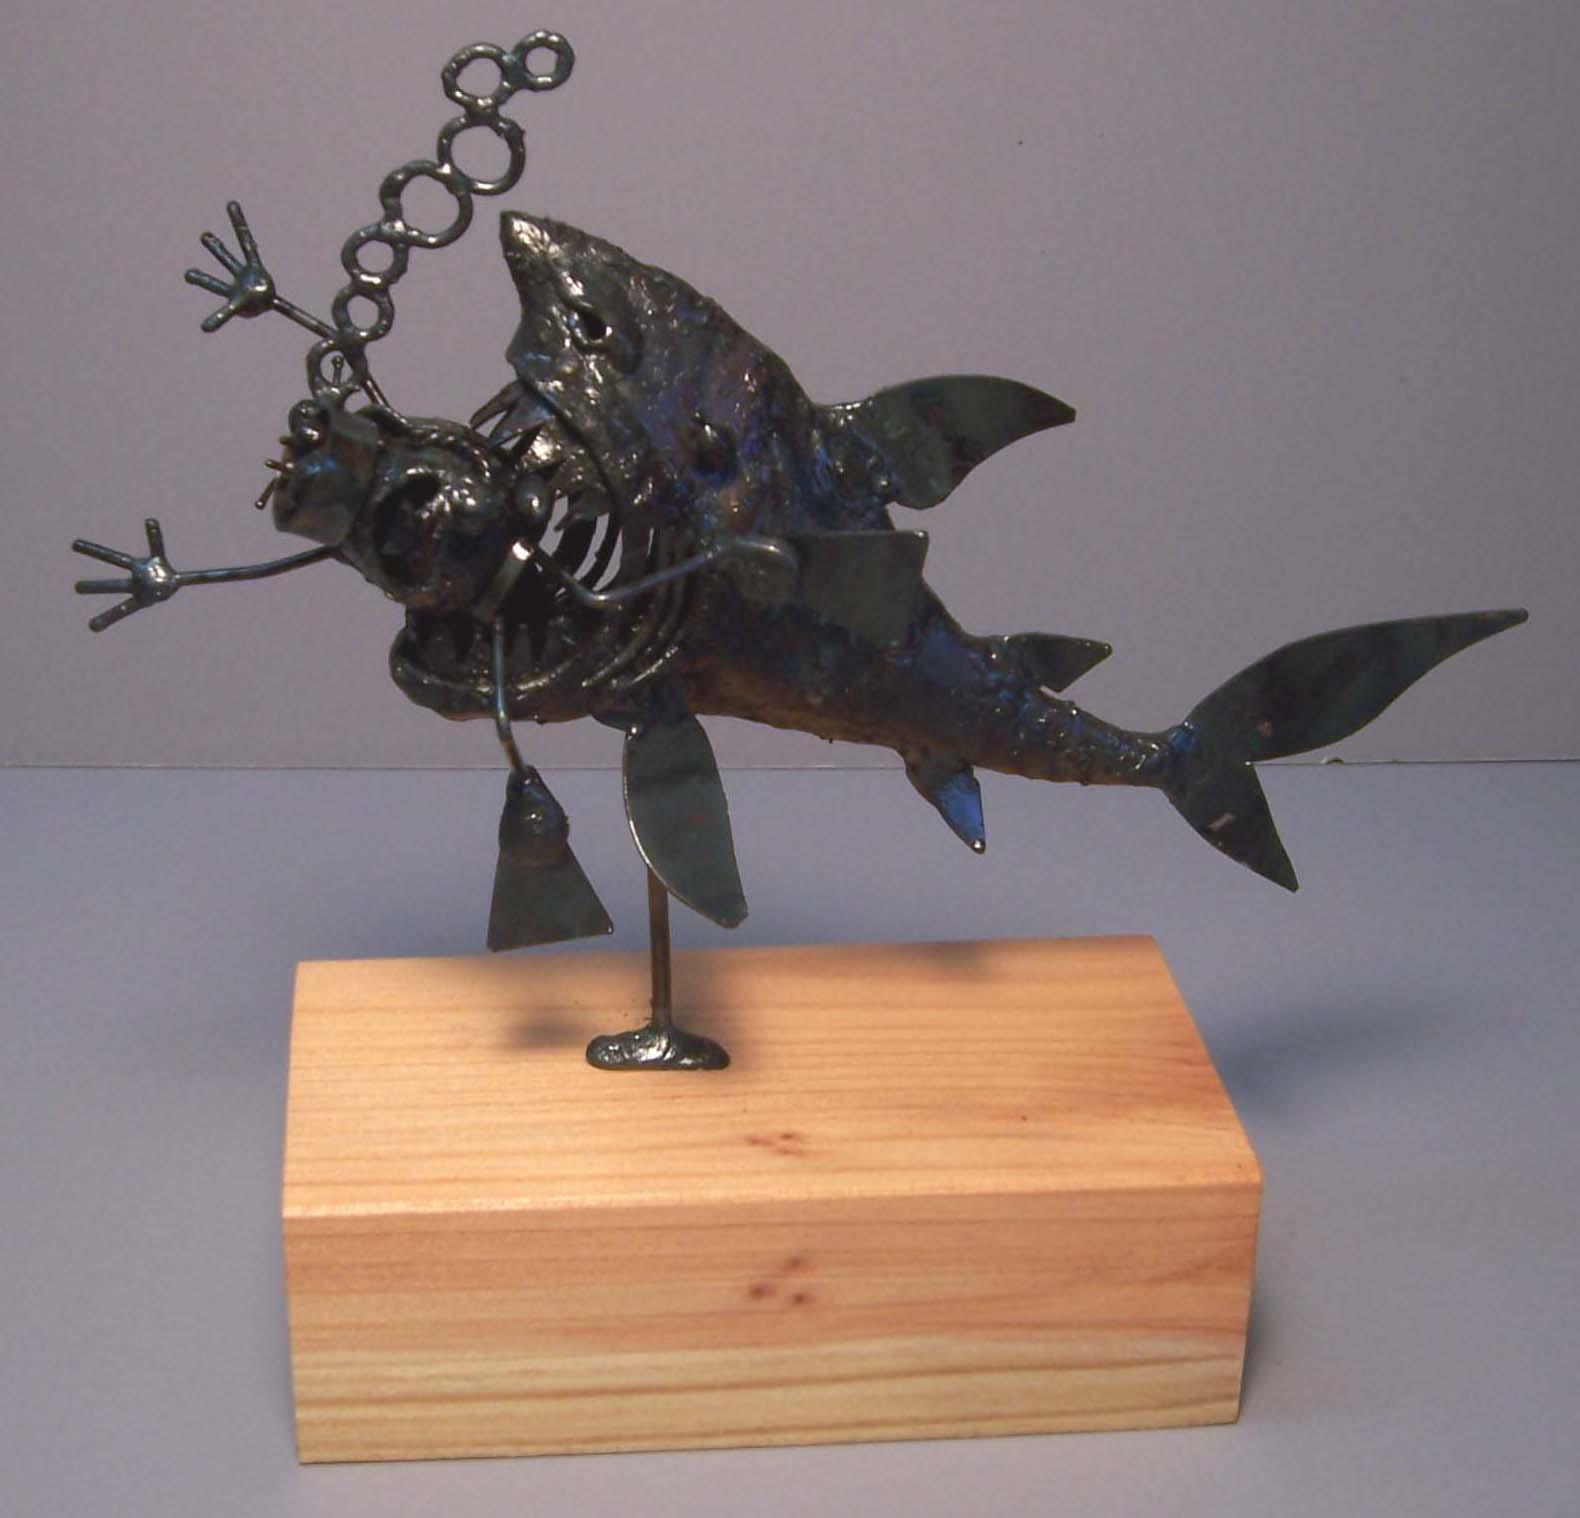 Scuba diver, eaten by shark